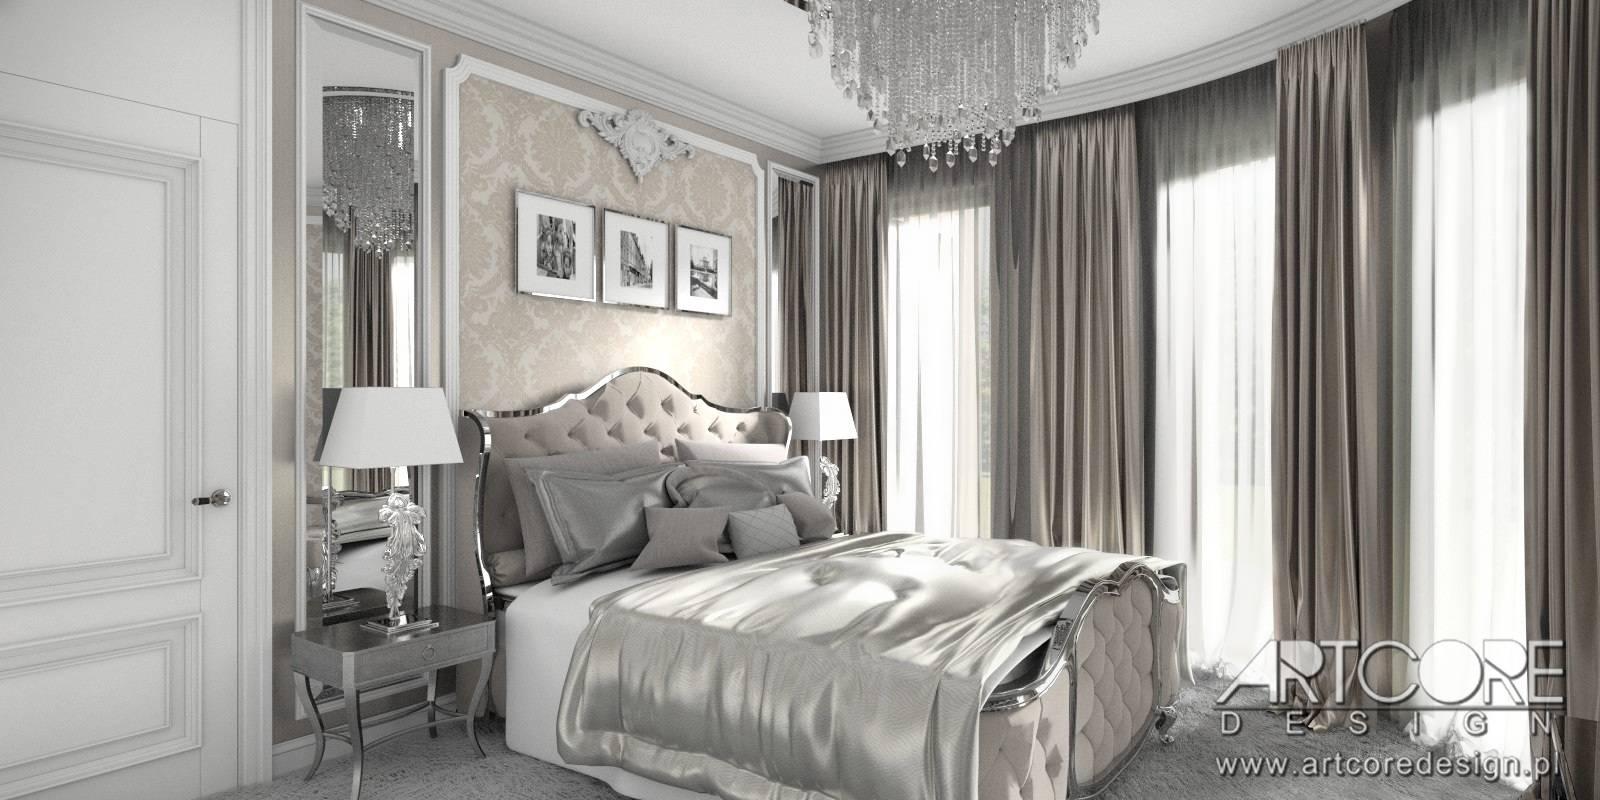 pałacowa sypialnia w stylu klasycznym